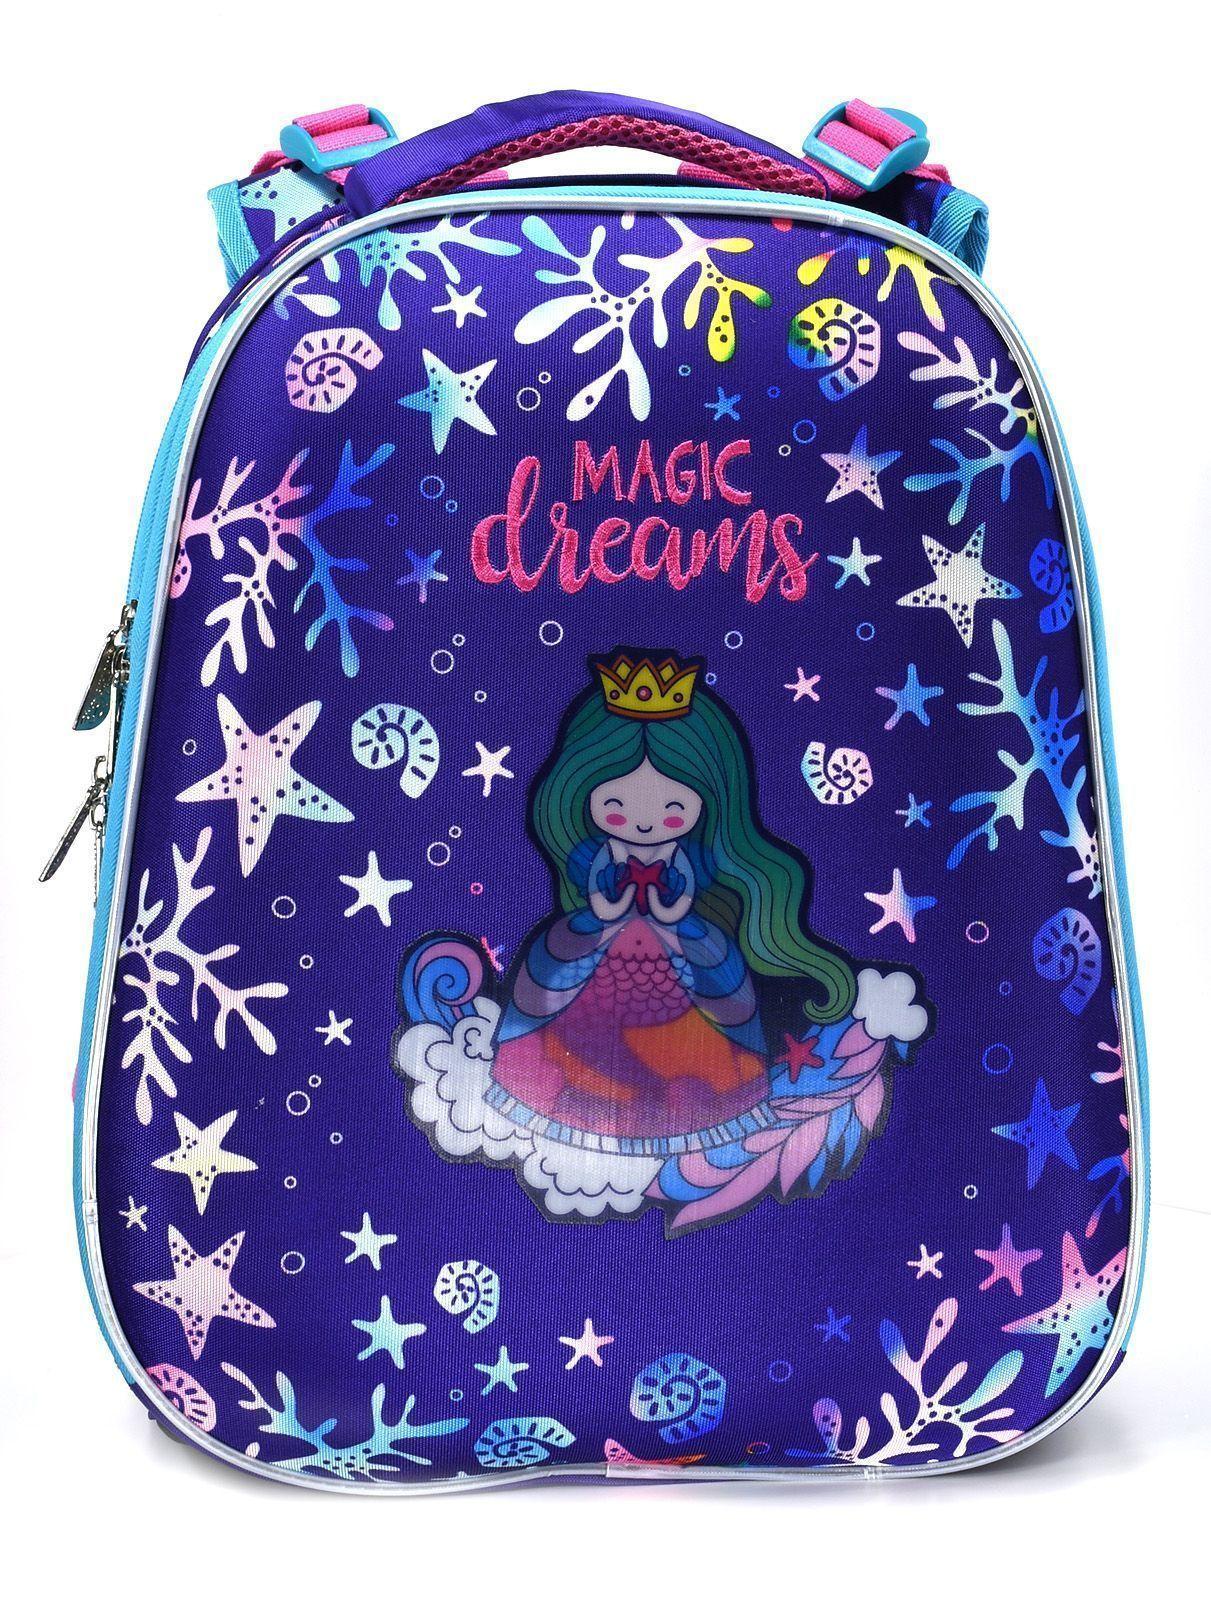 Рюкзак Schoolformat Princess-mermaid, модель ERGONOMIC 2, жесткий каркас, двухсекционный, 38х29х18 см, 17 л, для девочек